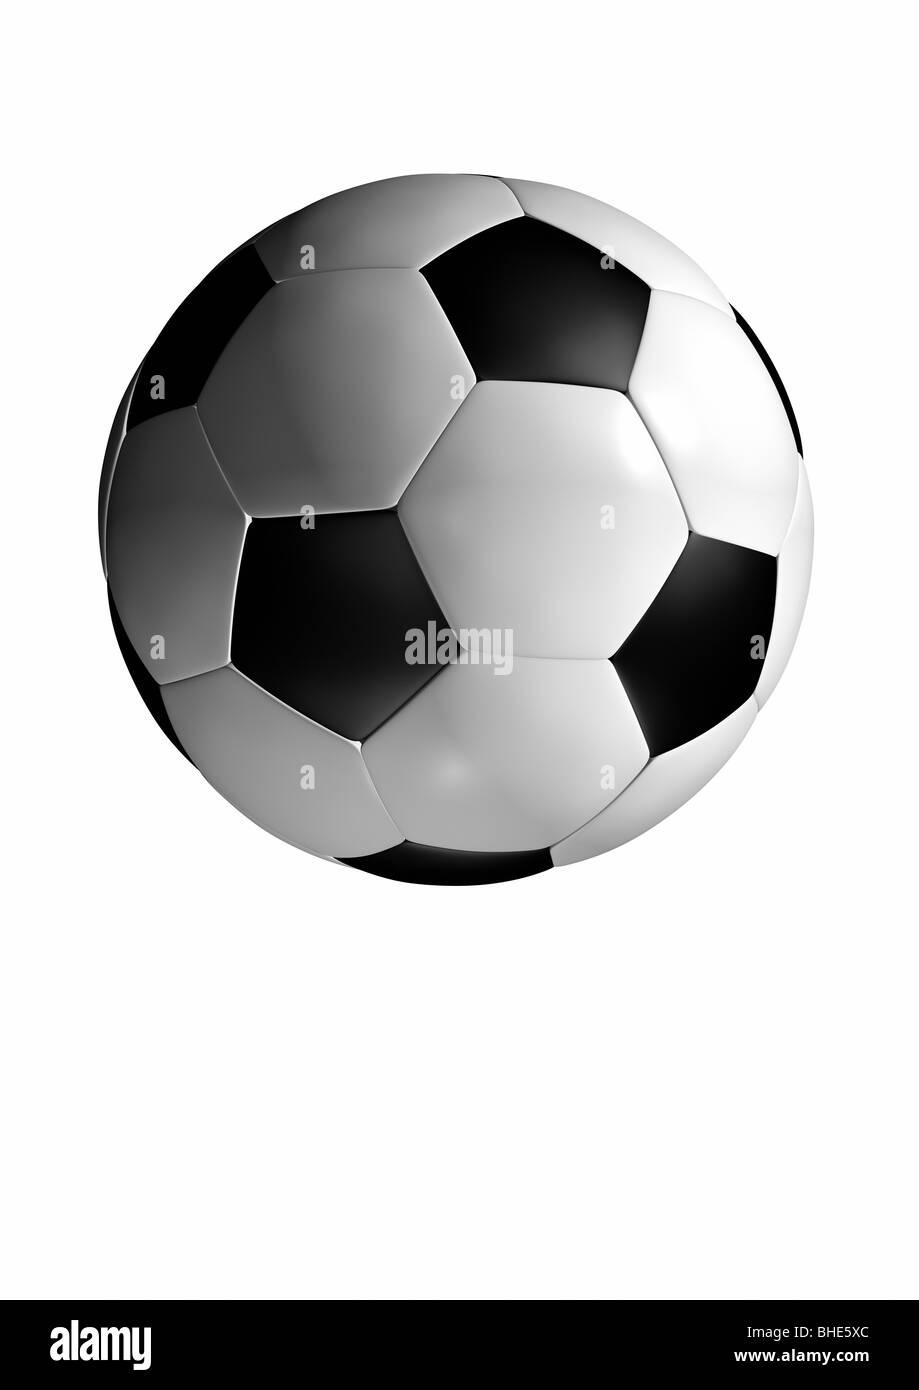 Soccer Ball - Fußball - Stock Image